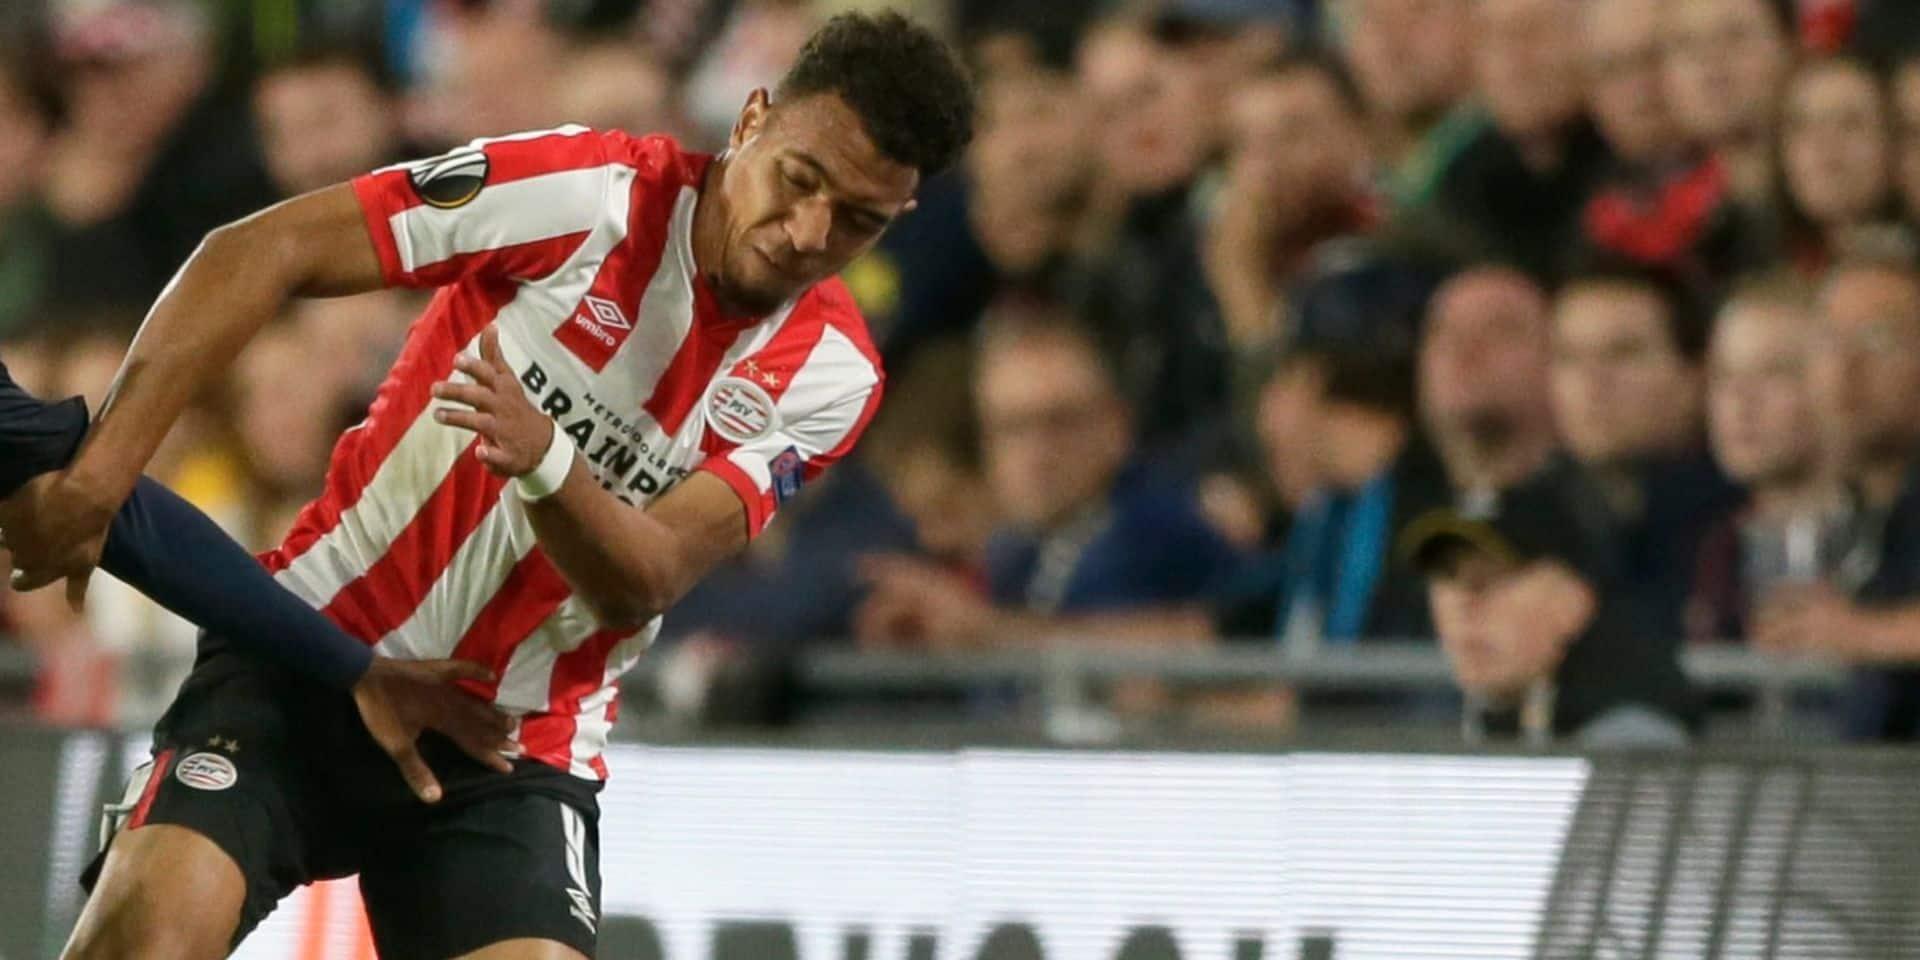 Le PSV et l'Ajax partagent dans le choc, Donyell Malen marque encore (VIDEO)